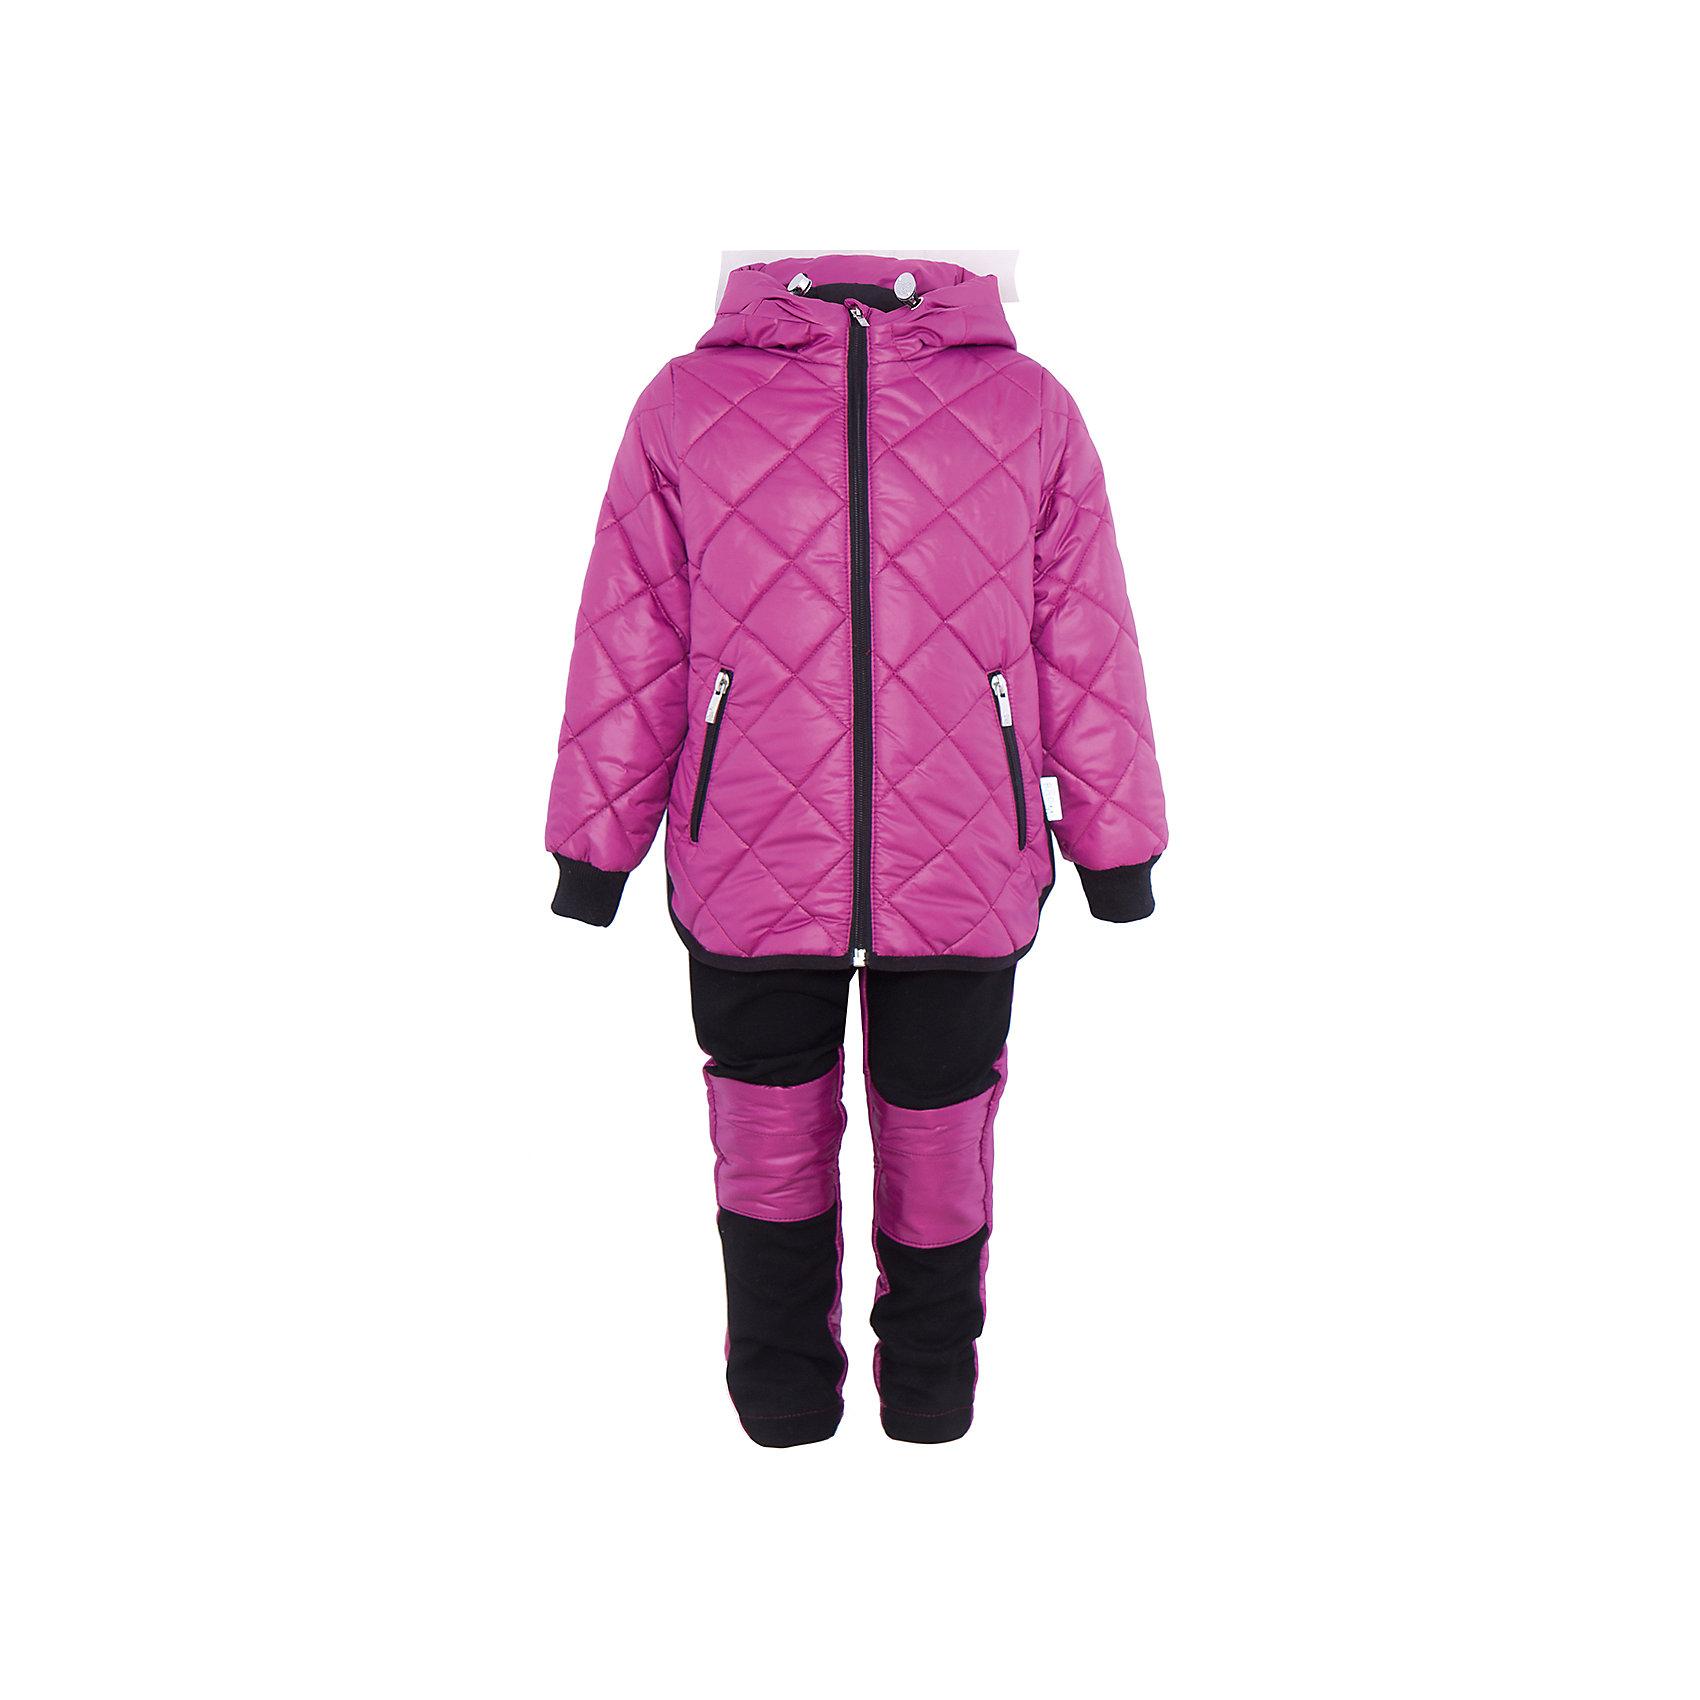 Комплект для девочки BOOM by OrbyХарактеристики товара:<br><br>• цвет: розовый/черный<br>• состав: 100% полиэстер<br>• курточка: верх - таффета, подкладка - поликоттон, полиэстер, утеплитель: Flexy Fiber 150 г/м2<br>• брюки: верх - костюмный трикотаж с начесом, подкладка - флис<br>• комплектация: куртка, брюки<br>• температурный режим: от -5 С° до +10 С° <br>• капюшон (не отстегивается)<br>• карманы на молнии<br>• застежка - молния<br>• убирающаяся корона на капюшоне<br>• накладки на коленях<br>• куртка декорирована вышивкой<br>• эластичные манжеты<br>• комфортная посадка<br>• страна производства: Российская Федерация<br>• страна бренда: Российская Федерация<br>• коллекция: весна-лето 2017<br><br>Такой комплект - универсальный вариант для межсезонья с постоянно меняющейся погодой. Эта модель - модная и удобная одновременно! Изделие отличается стильным ярким дизайном. Куртка и брюки хорошо сидят по фигуре, отлично сочетается с различной обувью. Модель была разработана специально для детей.<br><br>Одежда от российского бренда BOOM by Orby уже завоевала популярностью у многих детей и их родителей. Вещи, выпускаемые компанией, качественные, продуманные и очень удобные. Для производства коллекций используются только безопасные для детей материалы. Спешите приобрести модели из новой коллекции Весна-лето 2017! <br><br>Комплект для девочки от бренда BOOM by Orby можно купить в нашем интернет-магазине.<br><br>Ширина мм: 356<br>Глубина мм: 10<br>Высота мм: 245<br>Вес г: 519<br>Цвет: фиолетовый<br>Возраст от месяцев: 12<br>Возраст до месяцев: 18<br>Пол: Женский<br>Возраст: Детский<br>Размер: 86,110,116,122,92,98,104<br>SKU: 5343149